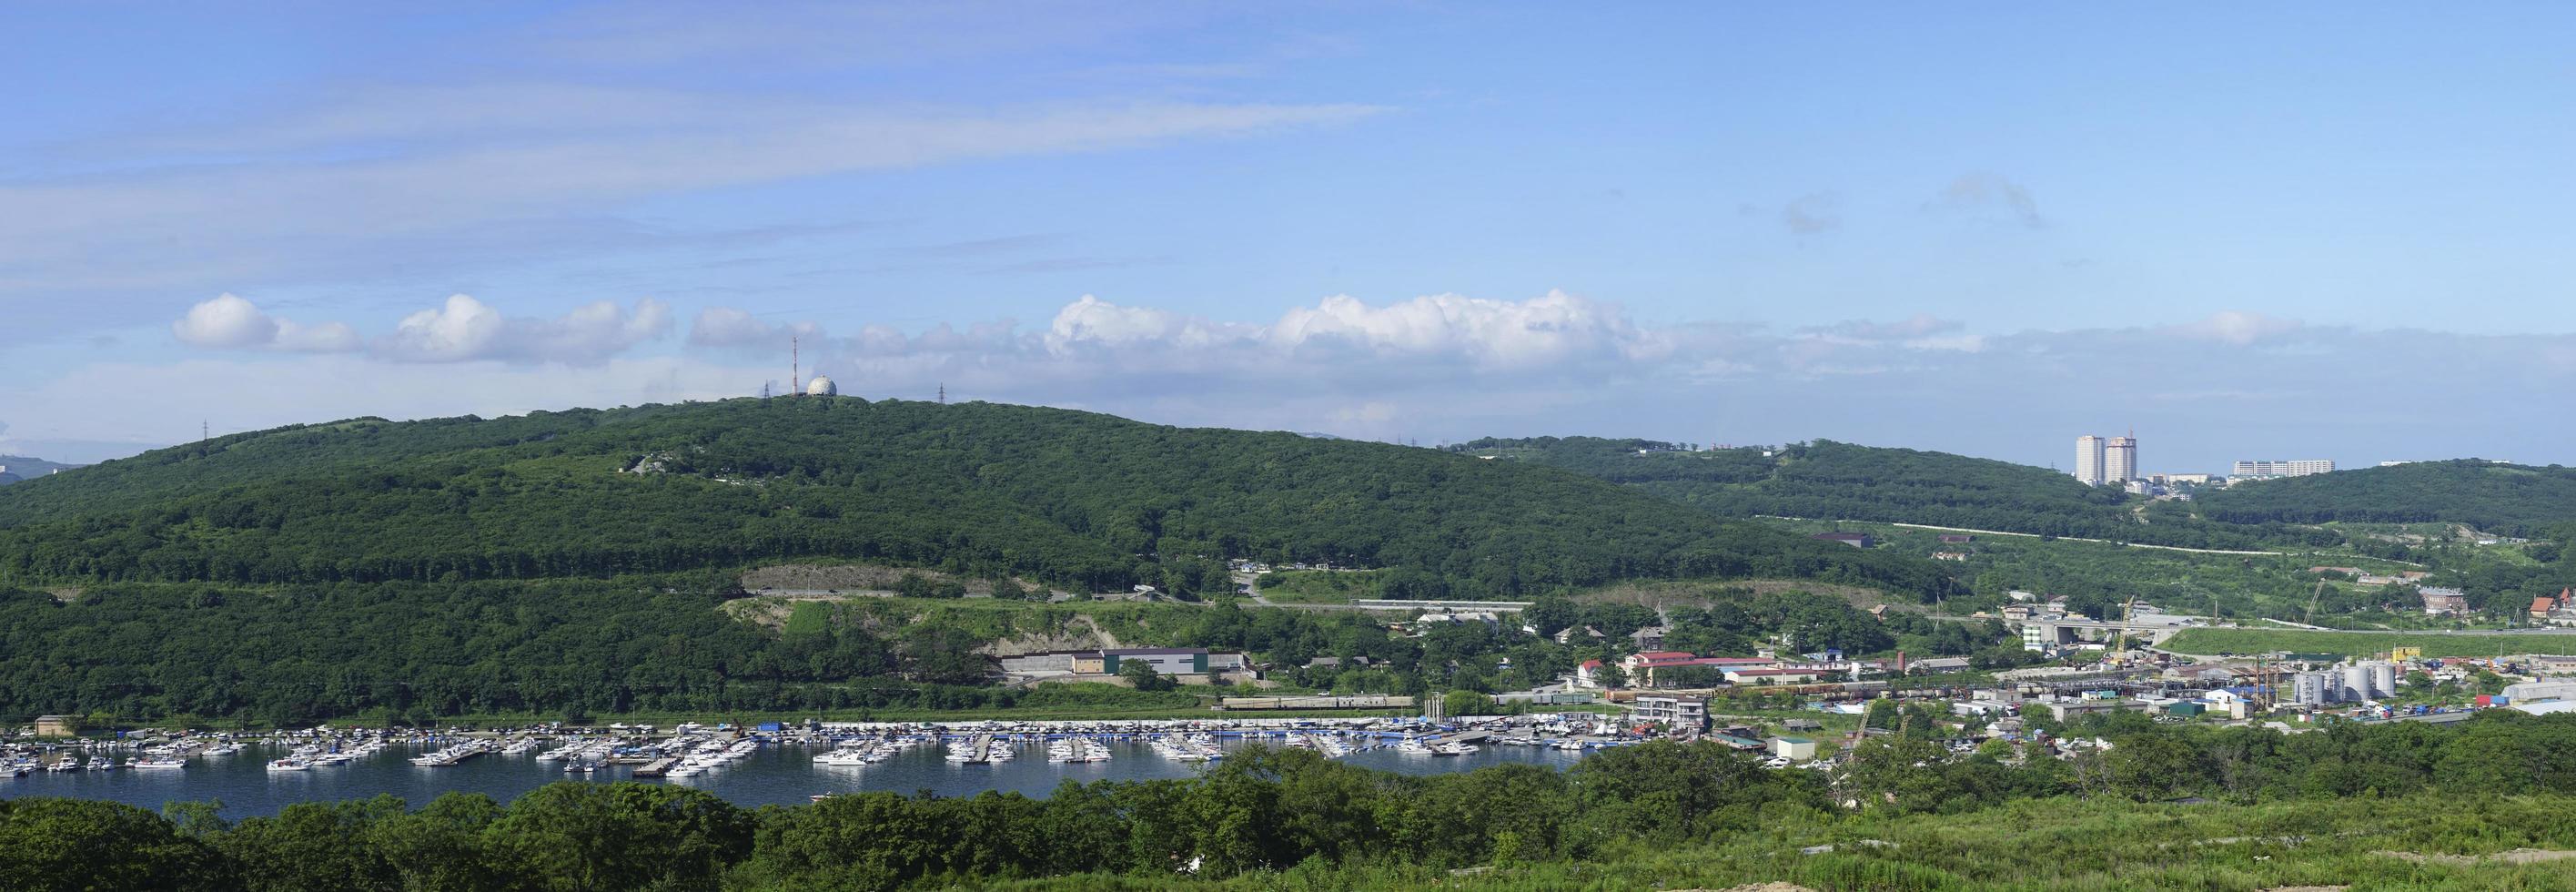 panorama över landskapet med utsikt över bukten i Ulysses foto